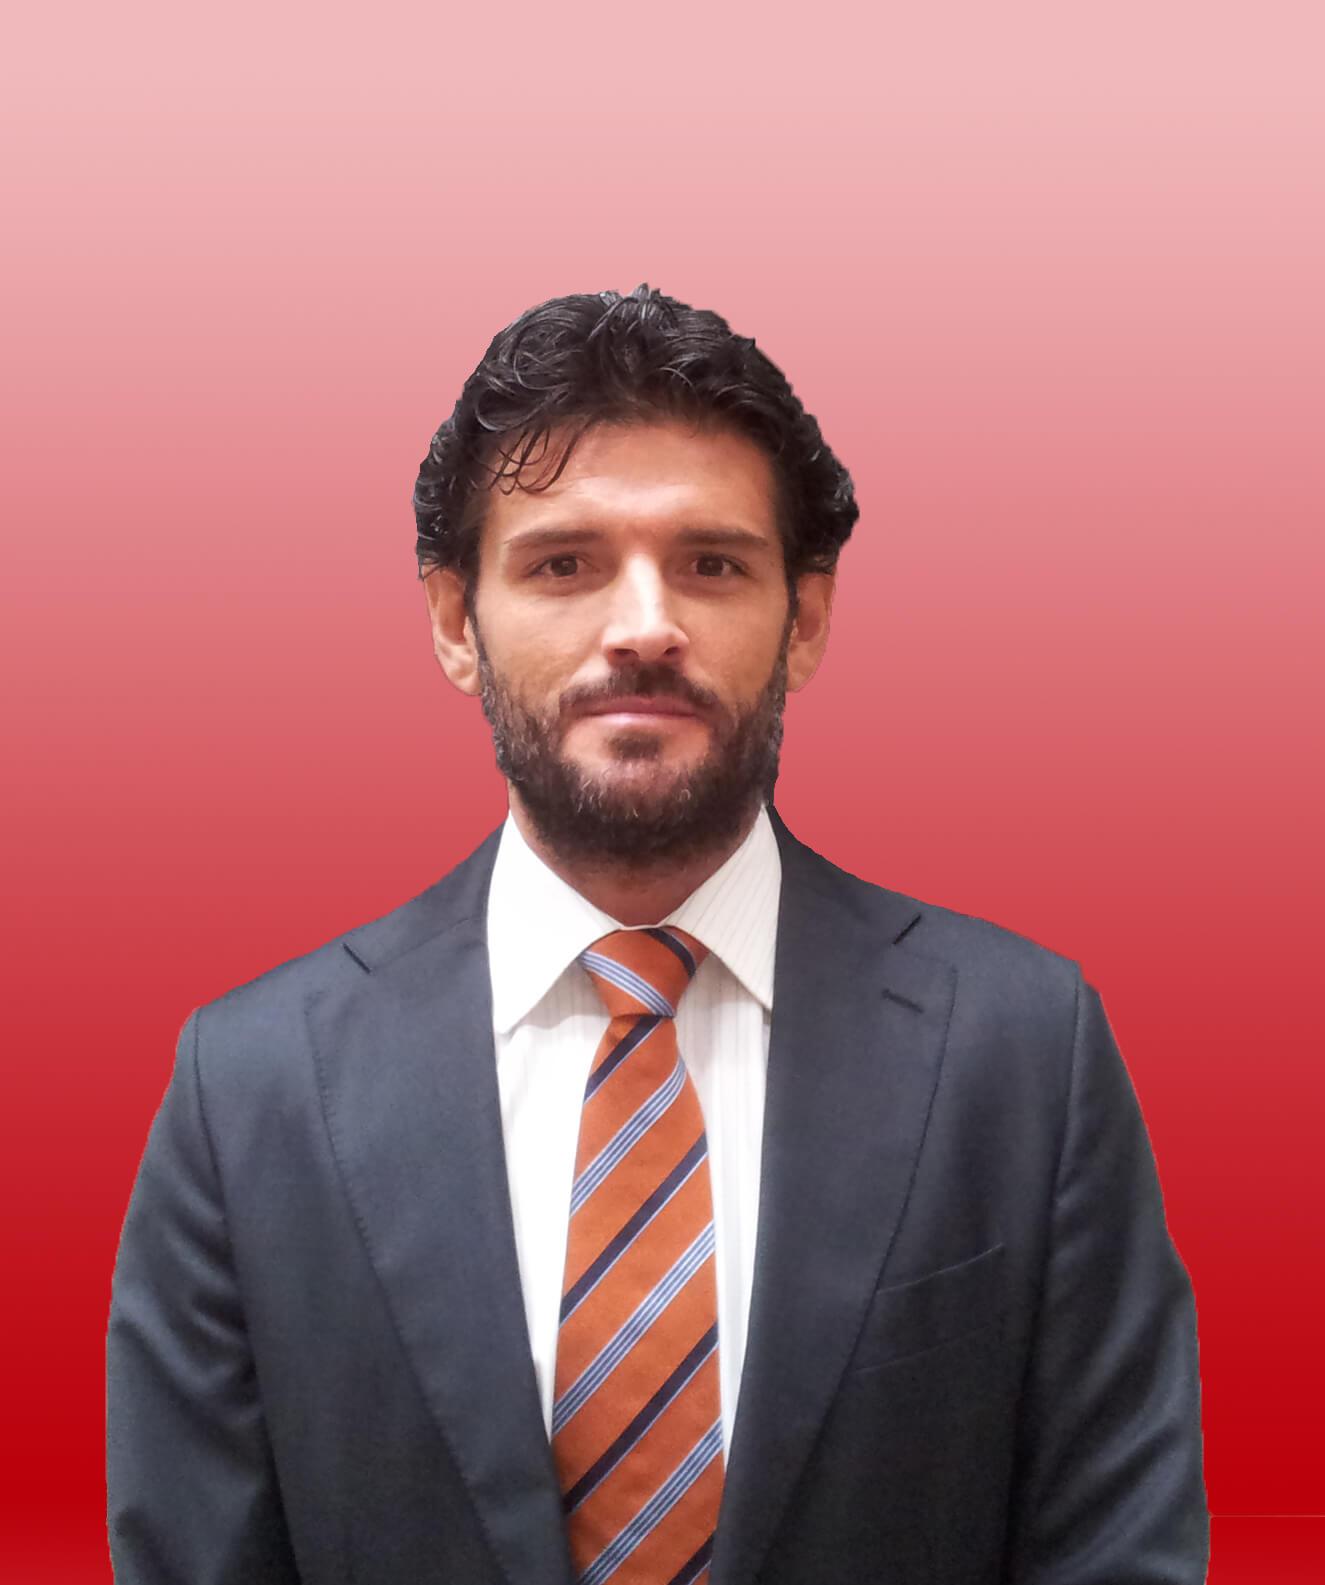 Ángel Antonio Moreno Casado